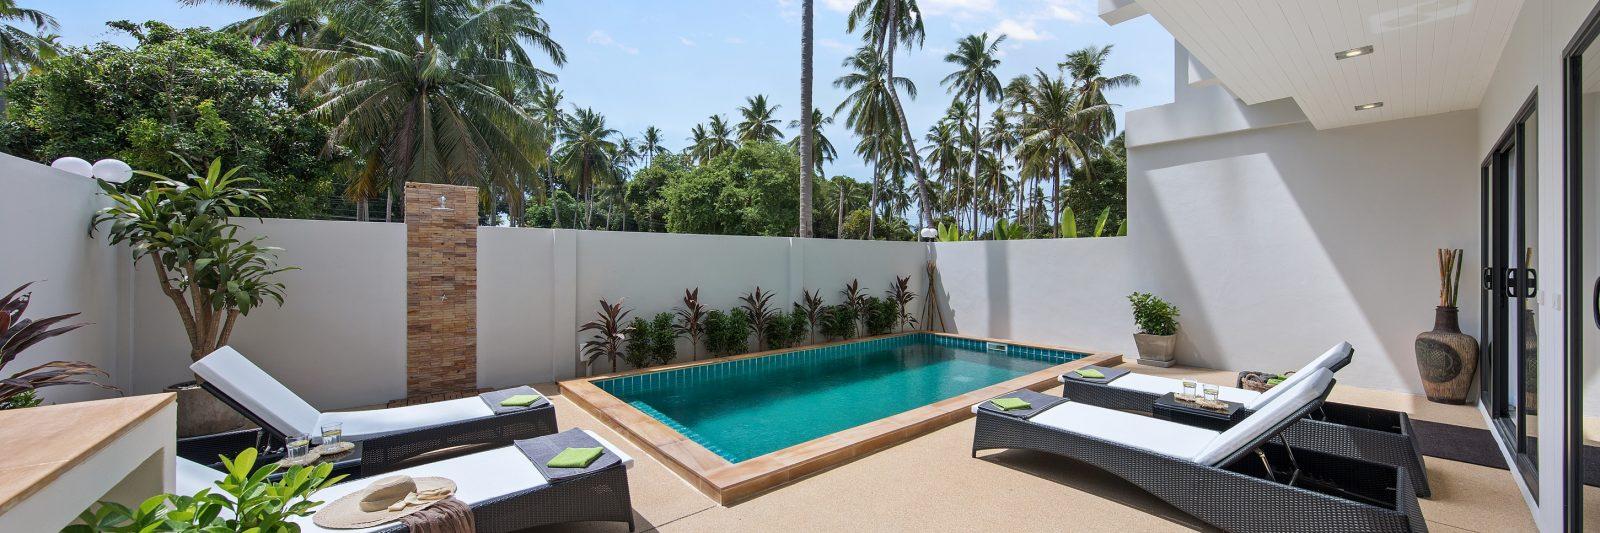 Villa Nabu - relax in the Koh Samui sun